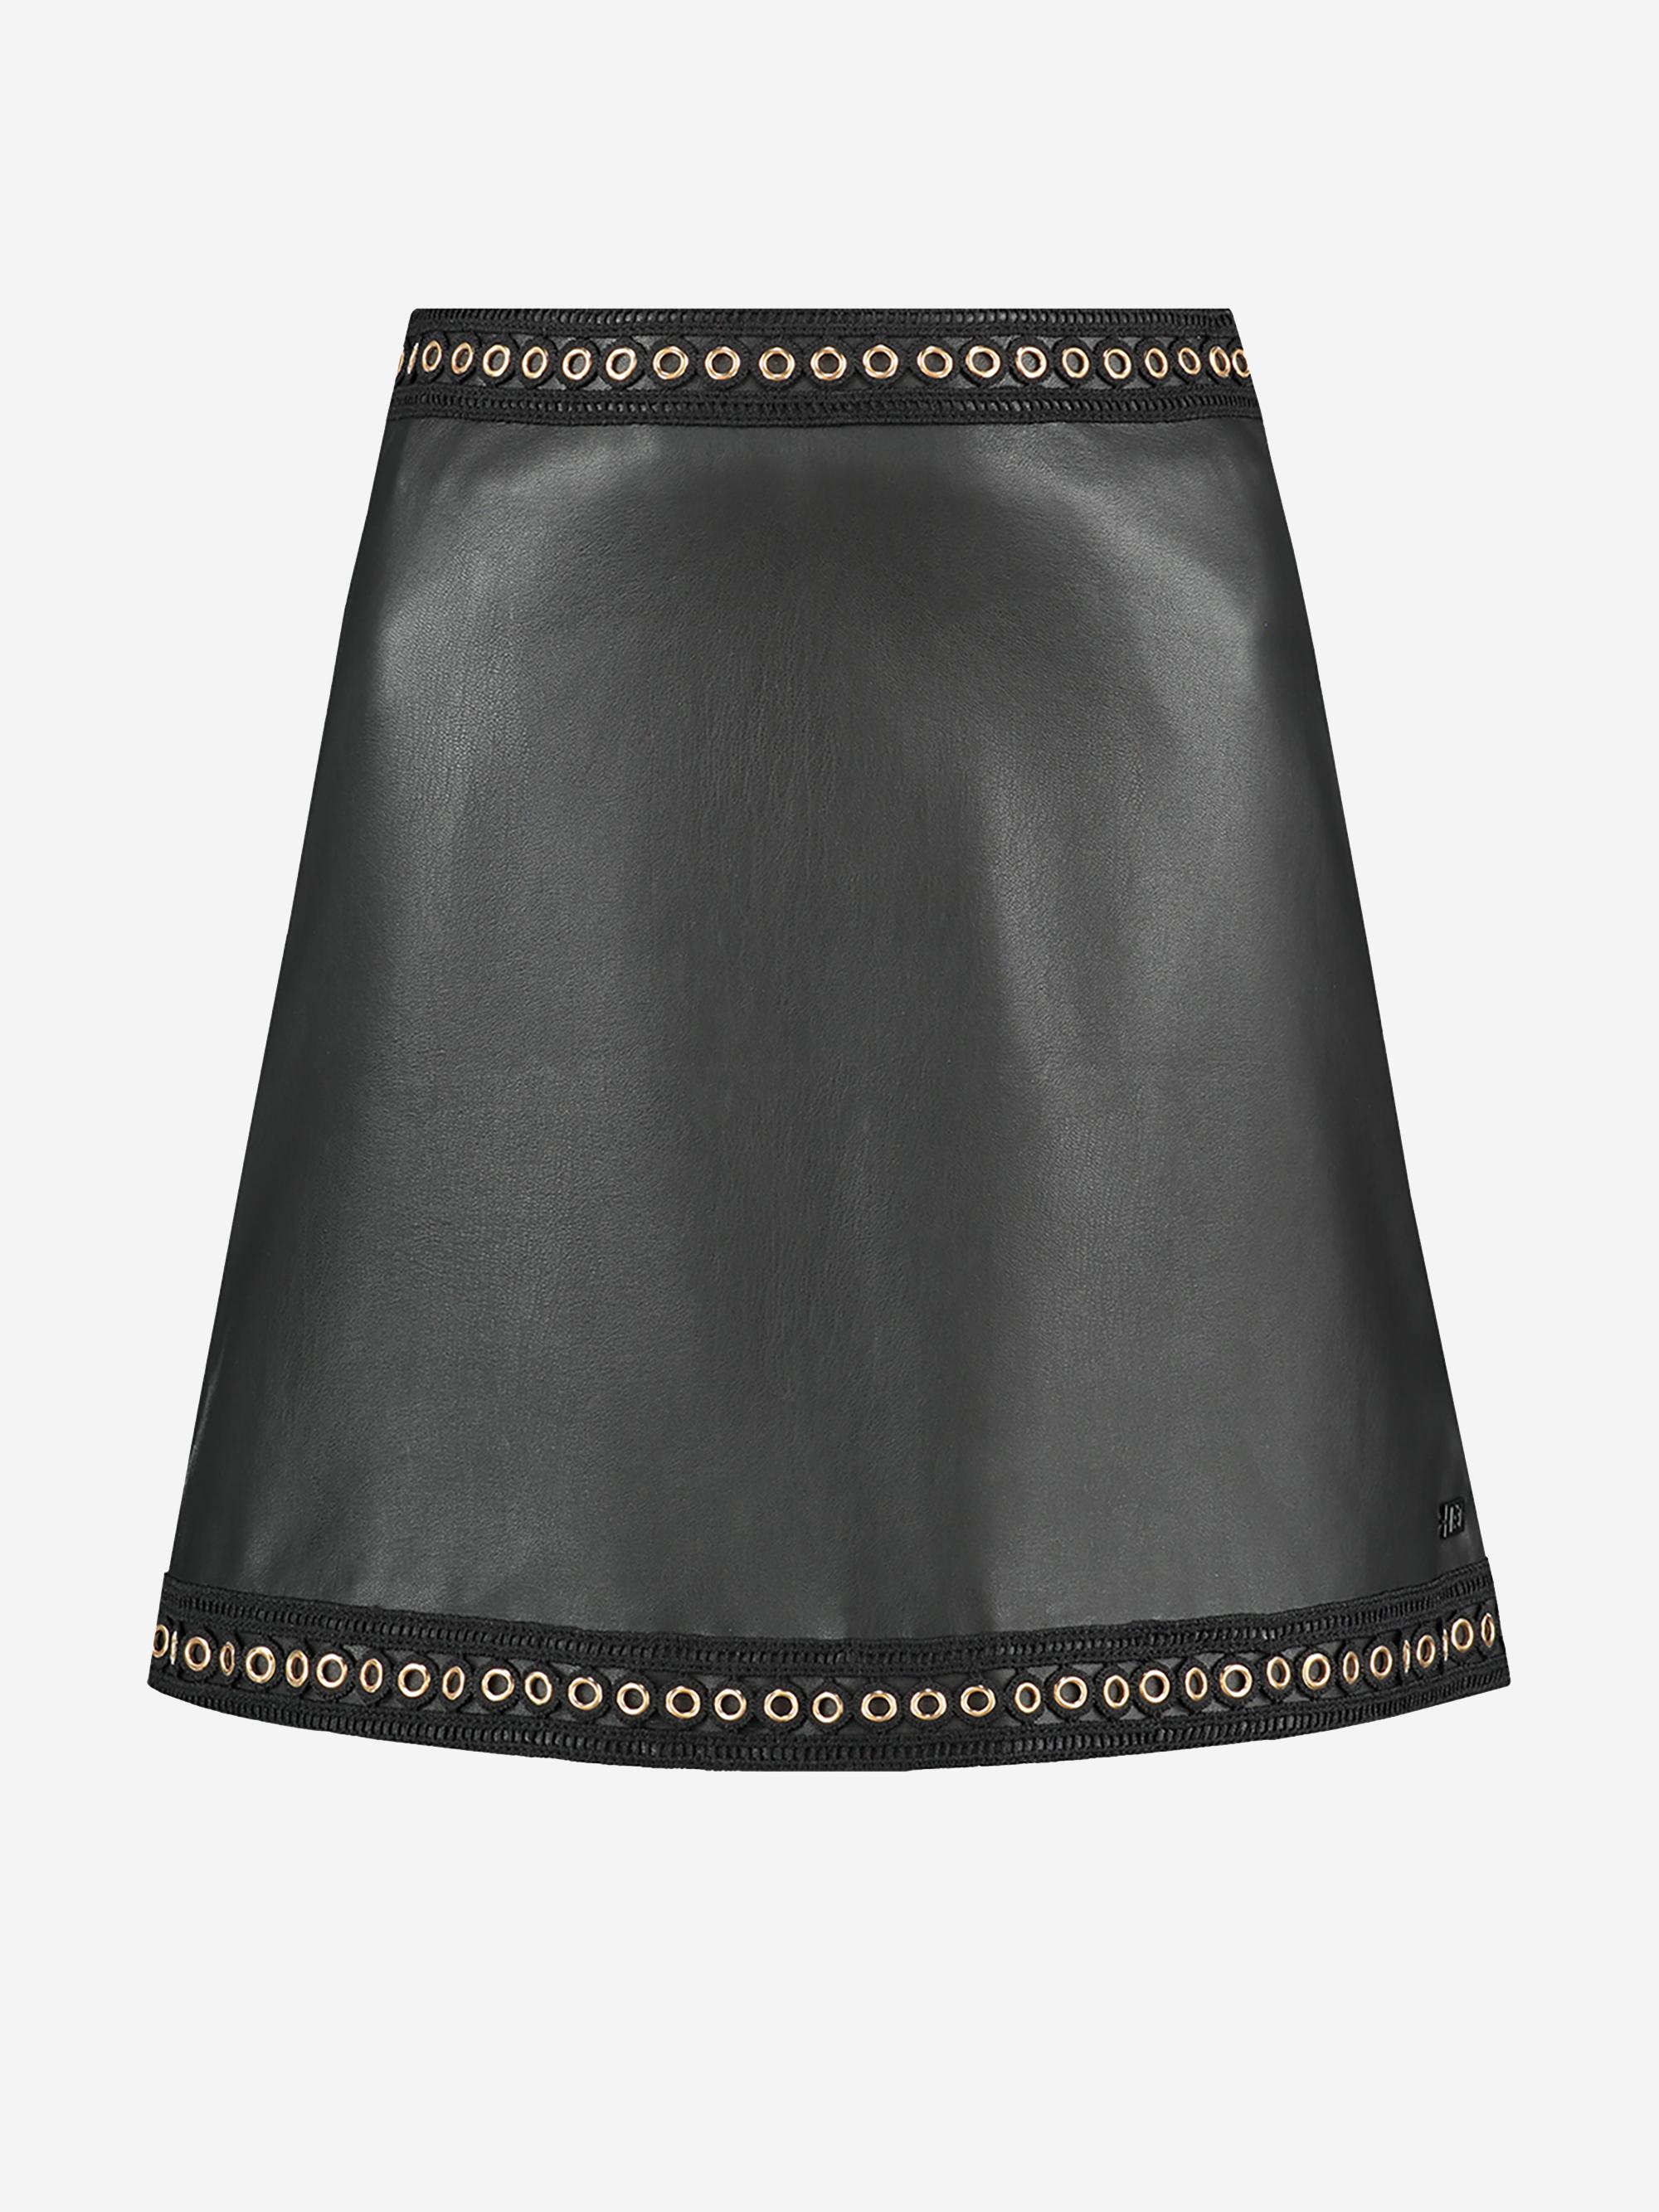 Zwarte dames rok met gouden details Nikkie - Macha Skirt - N3-570 1905 9000